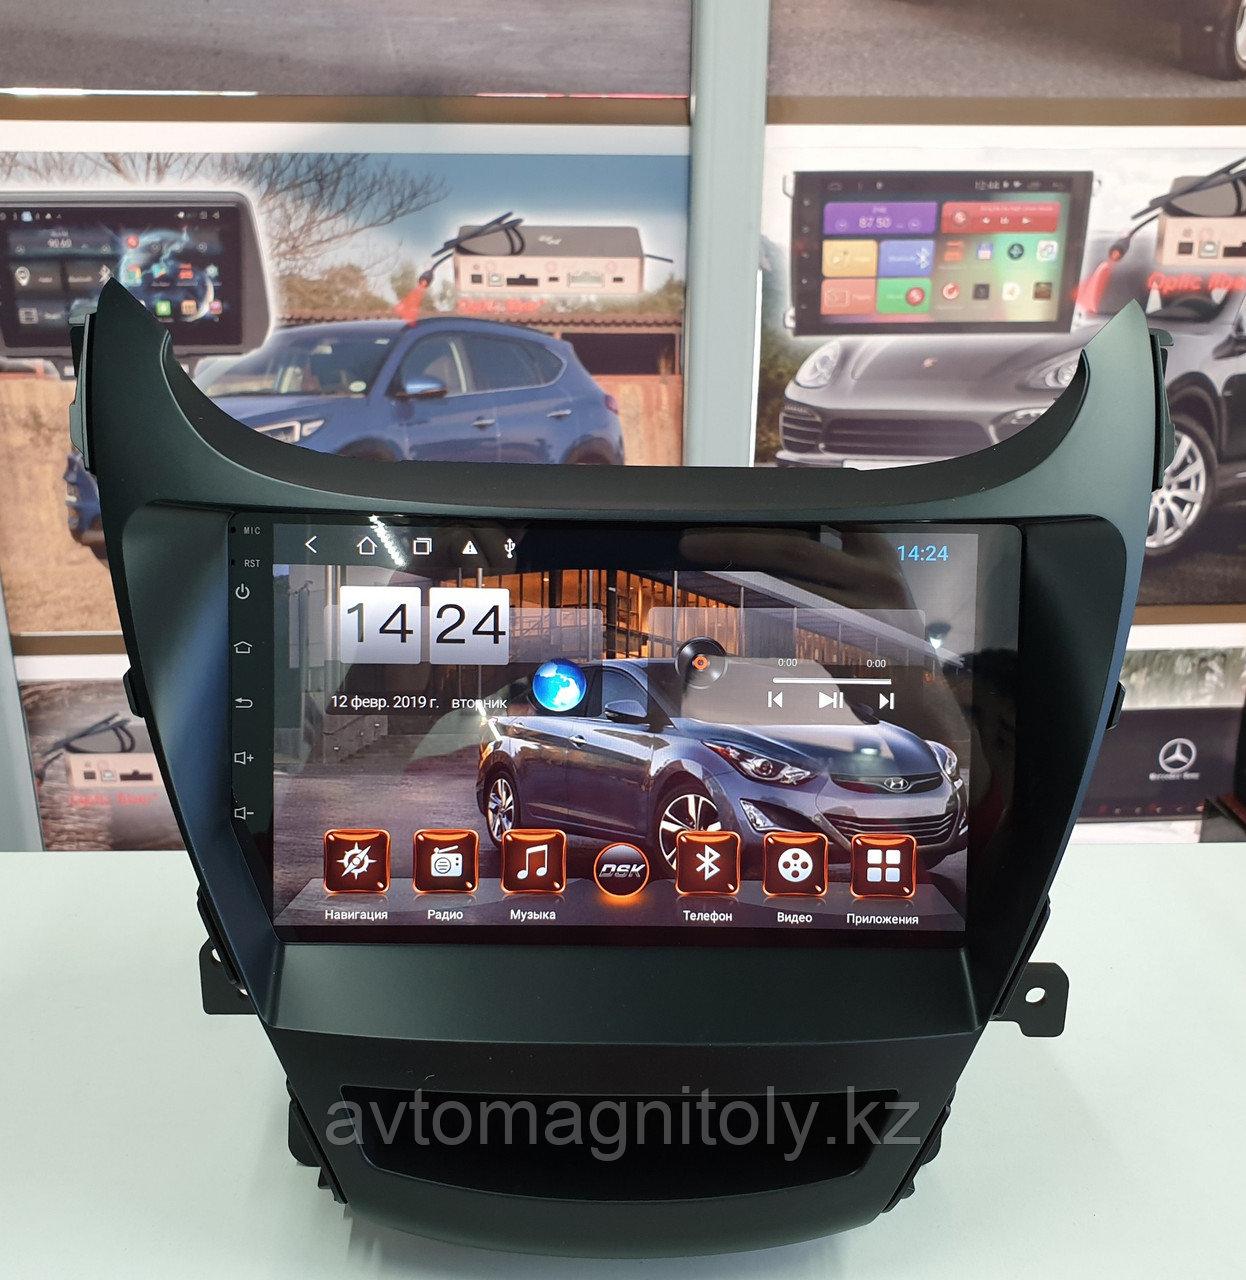 Головное устройство DSK Hyundai Elantra 2011-2014 IPS ANDROID